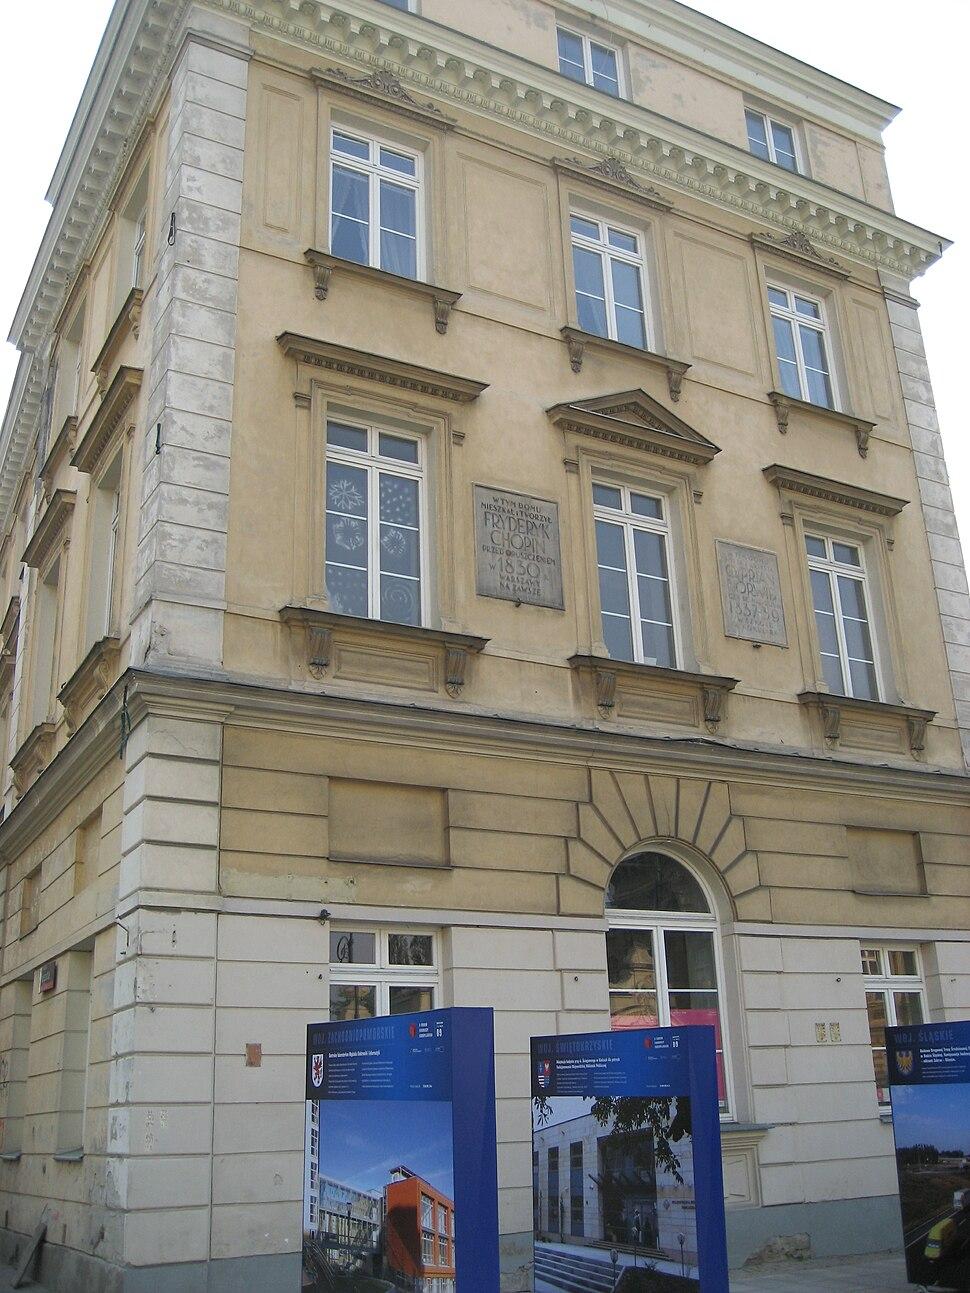 Krakowskie Przedmiescie 5, Warsaw, Poland